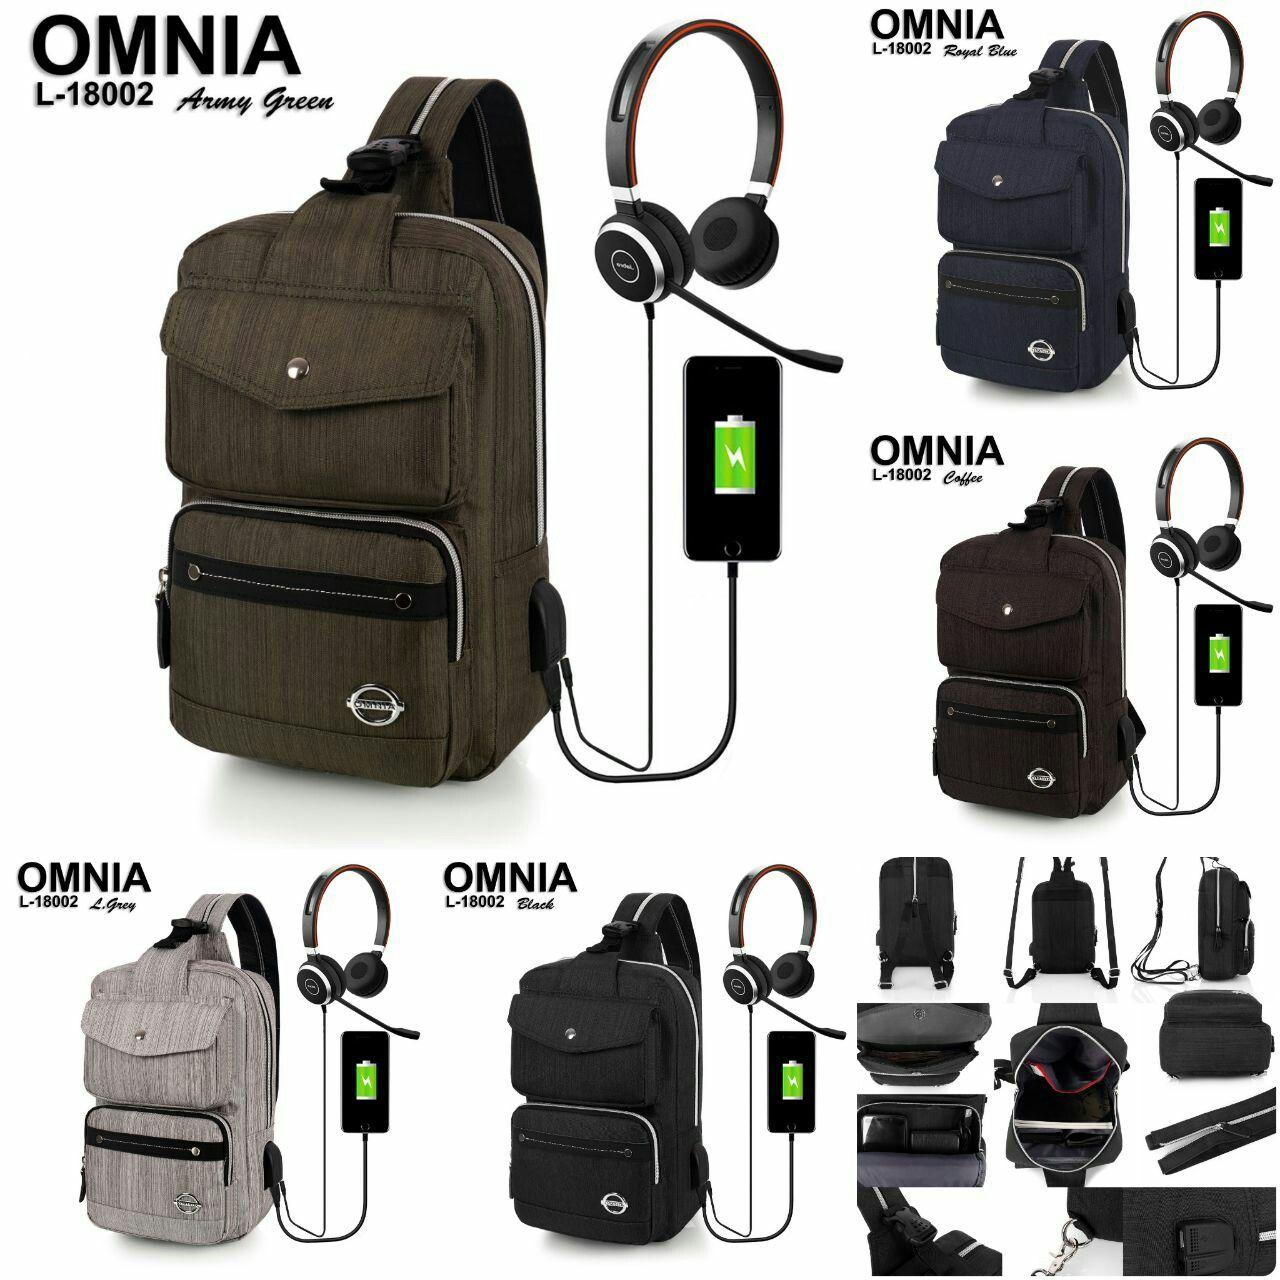 Smart Sling Bag Omnia L 18002 Multi Fungsi Material Nylon Polyster Tas Kulit 2 Backpack Quality Original Brand Dilengkapi Data Usb Dan Ear Phone 600 Gram 23x15x33 5 Wrn